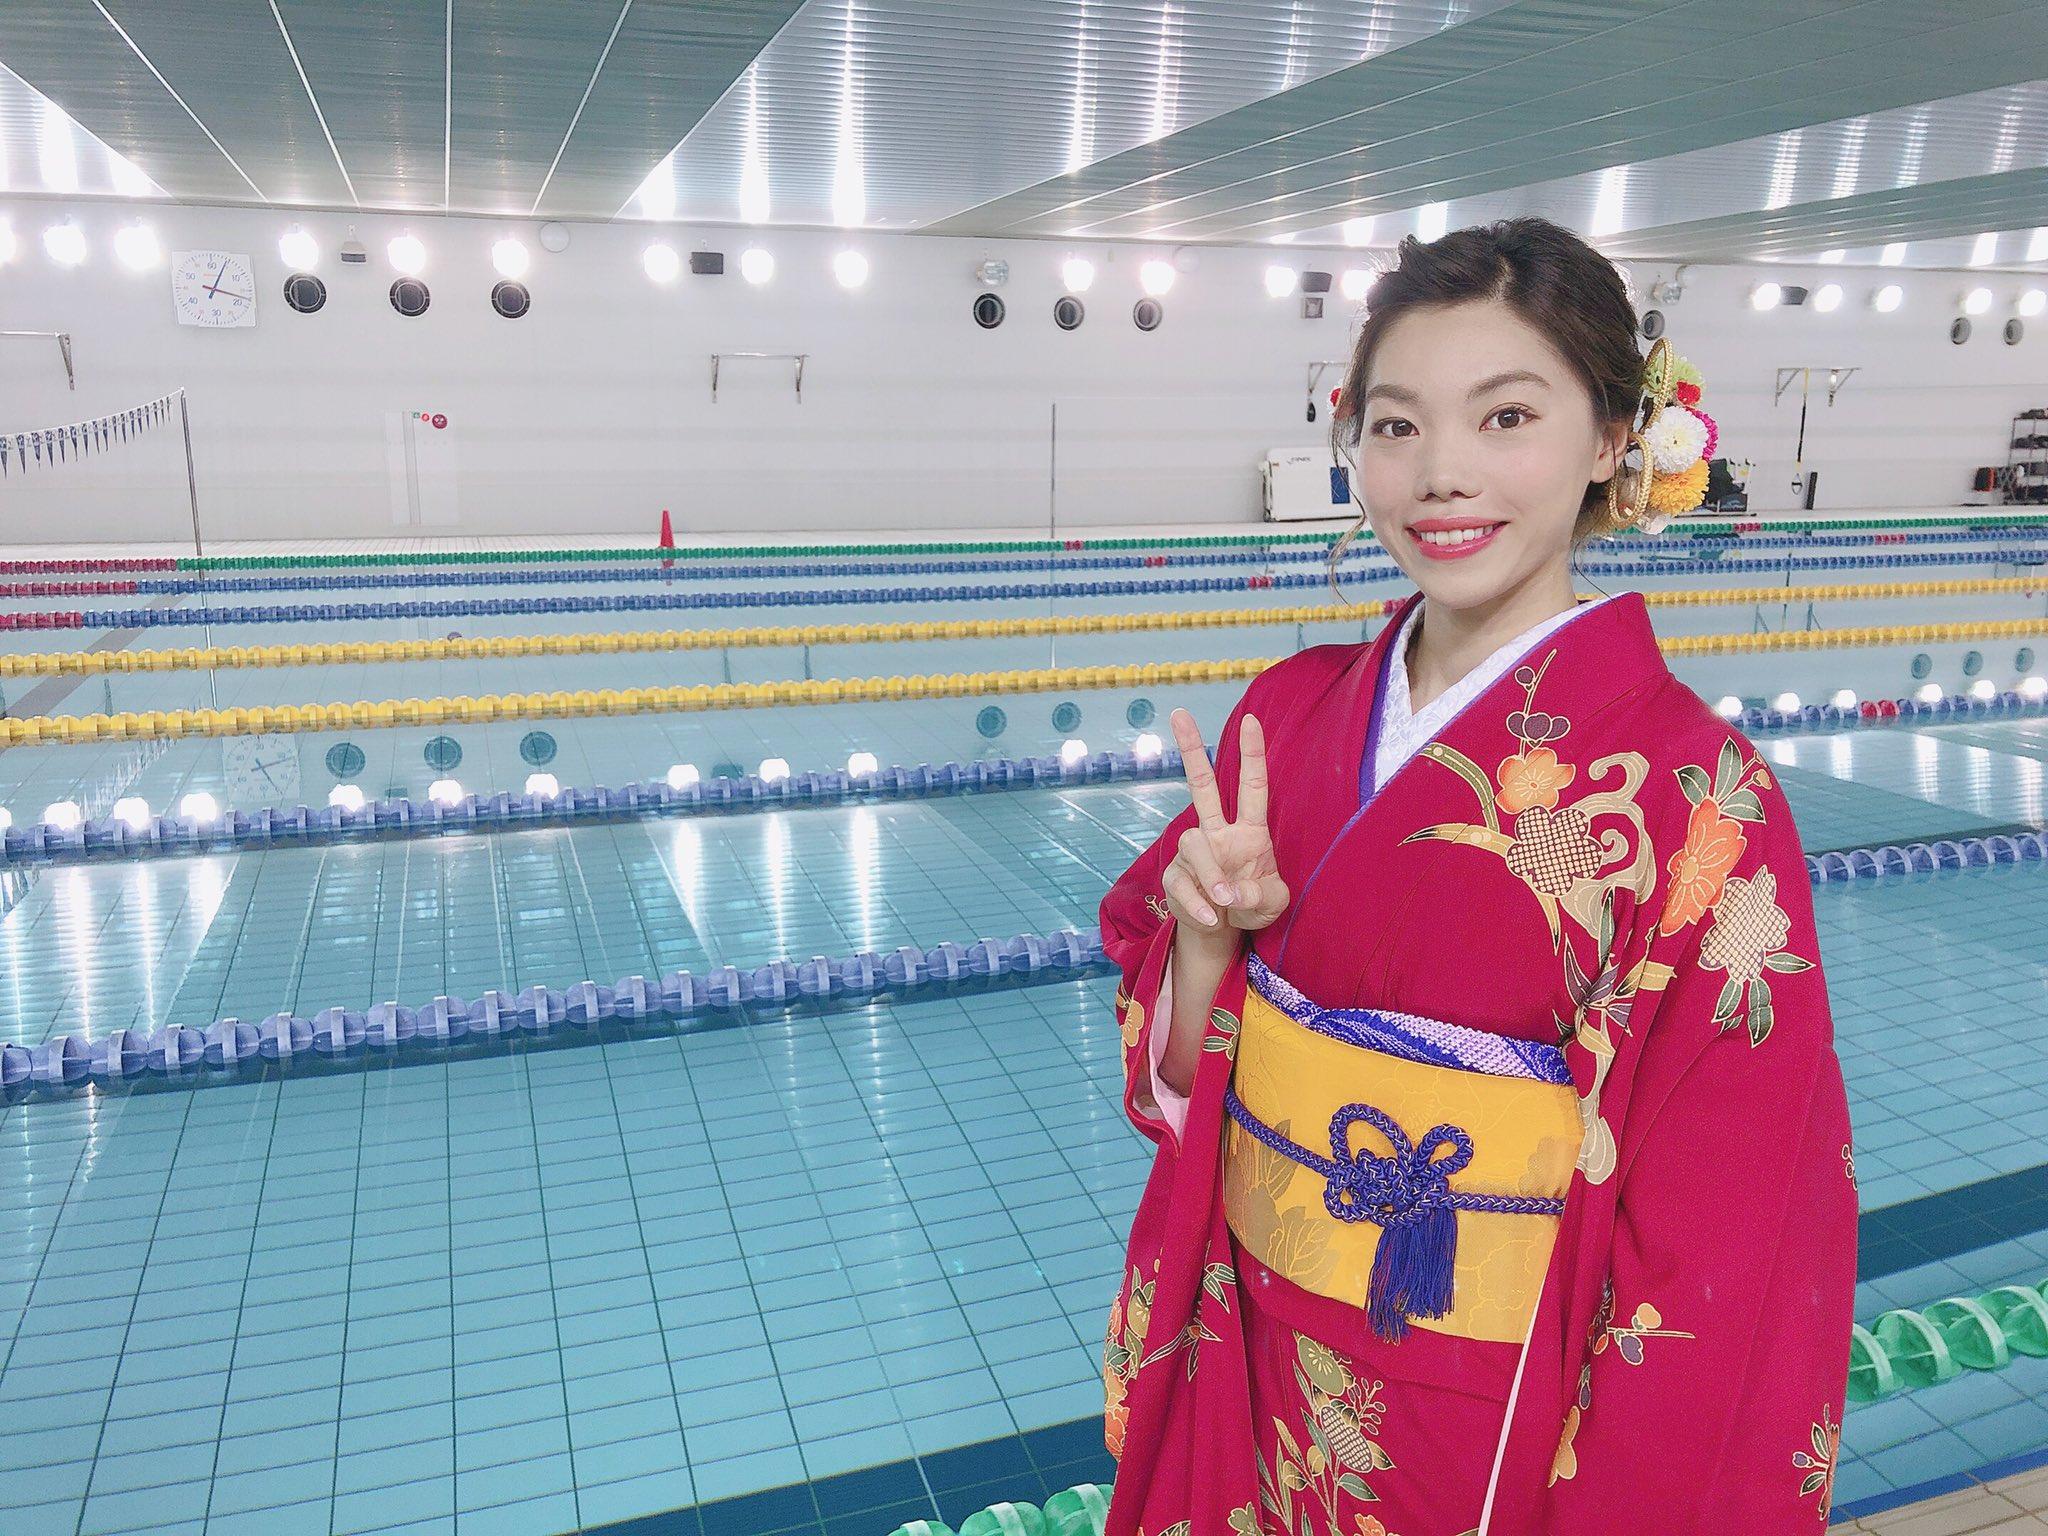 【水泳】青木玲緒樹は彼氏がいて結婚している?名前の読み方や学歴も